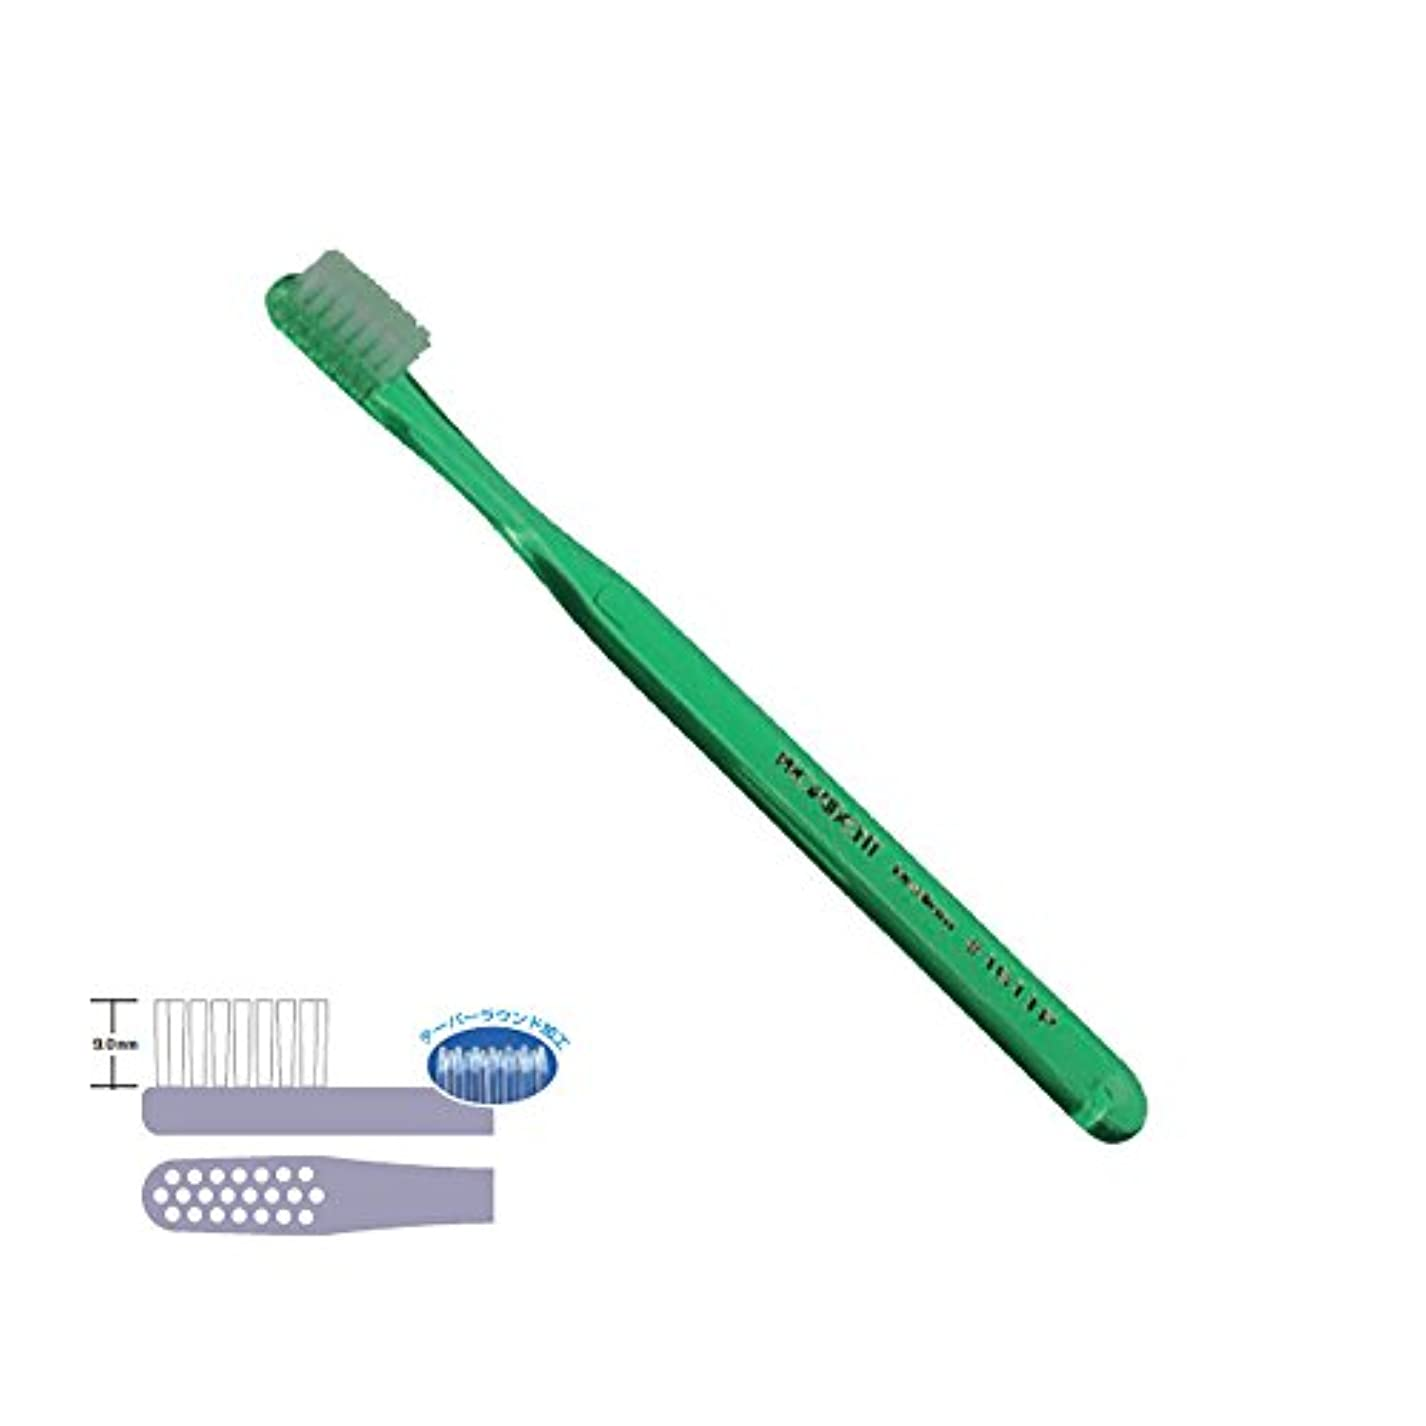 誘導熱電気的プローデント プロキシデント #1611P 歯ブラシ 50本入 10本 × 5色 【コンパクトヘッド】【ミディアム】【キャップ付】